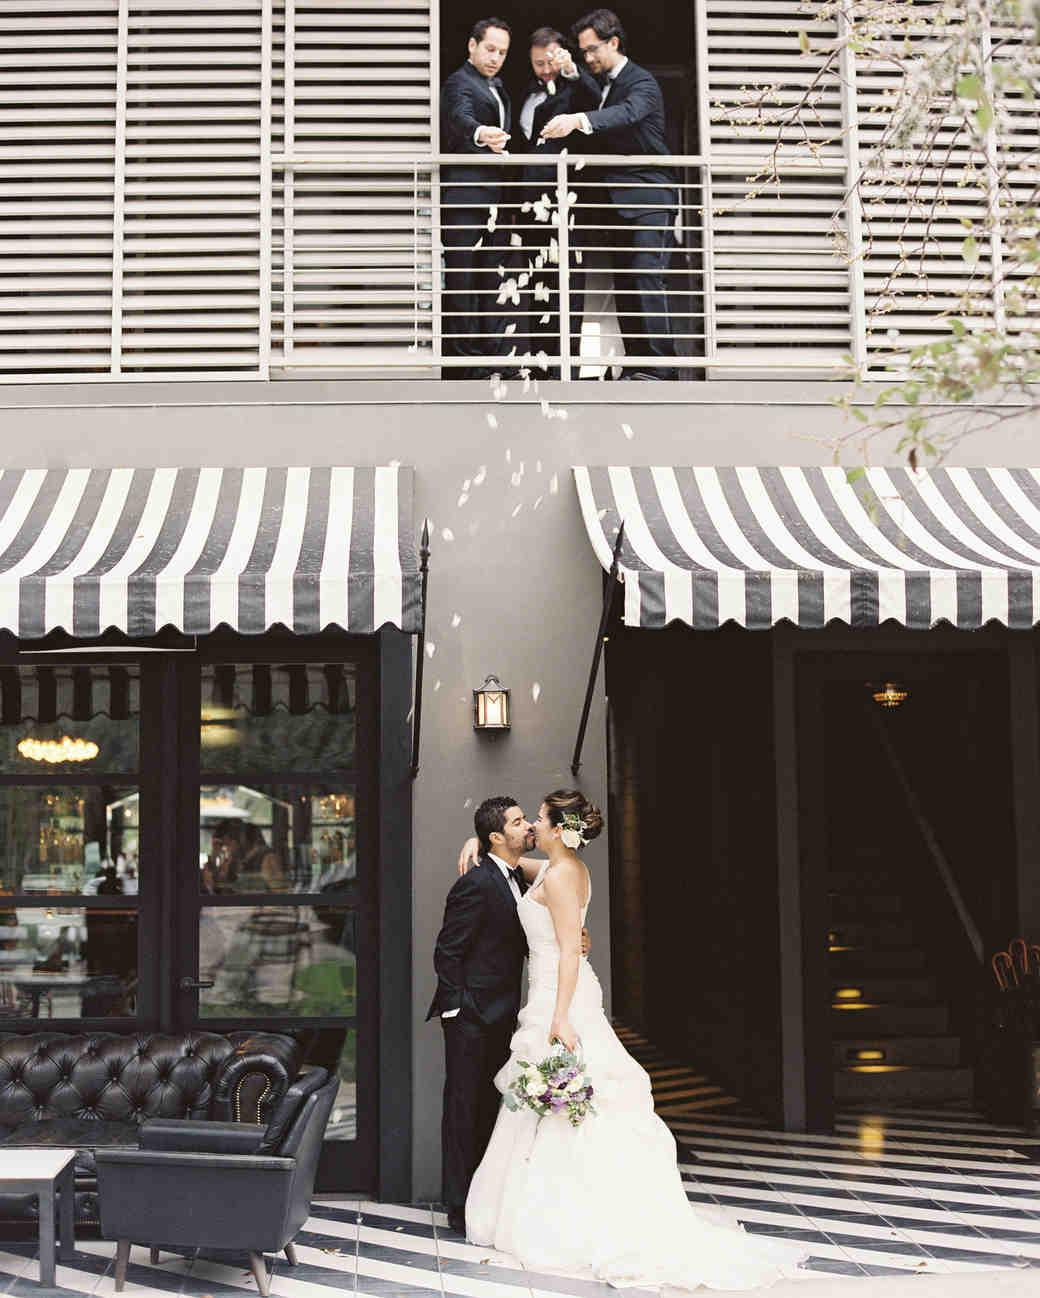 stacey-adam-wedding-petals-0047-s112112-0815.jpg